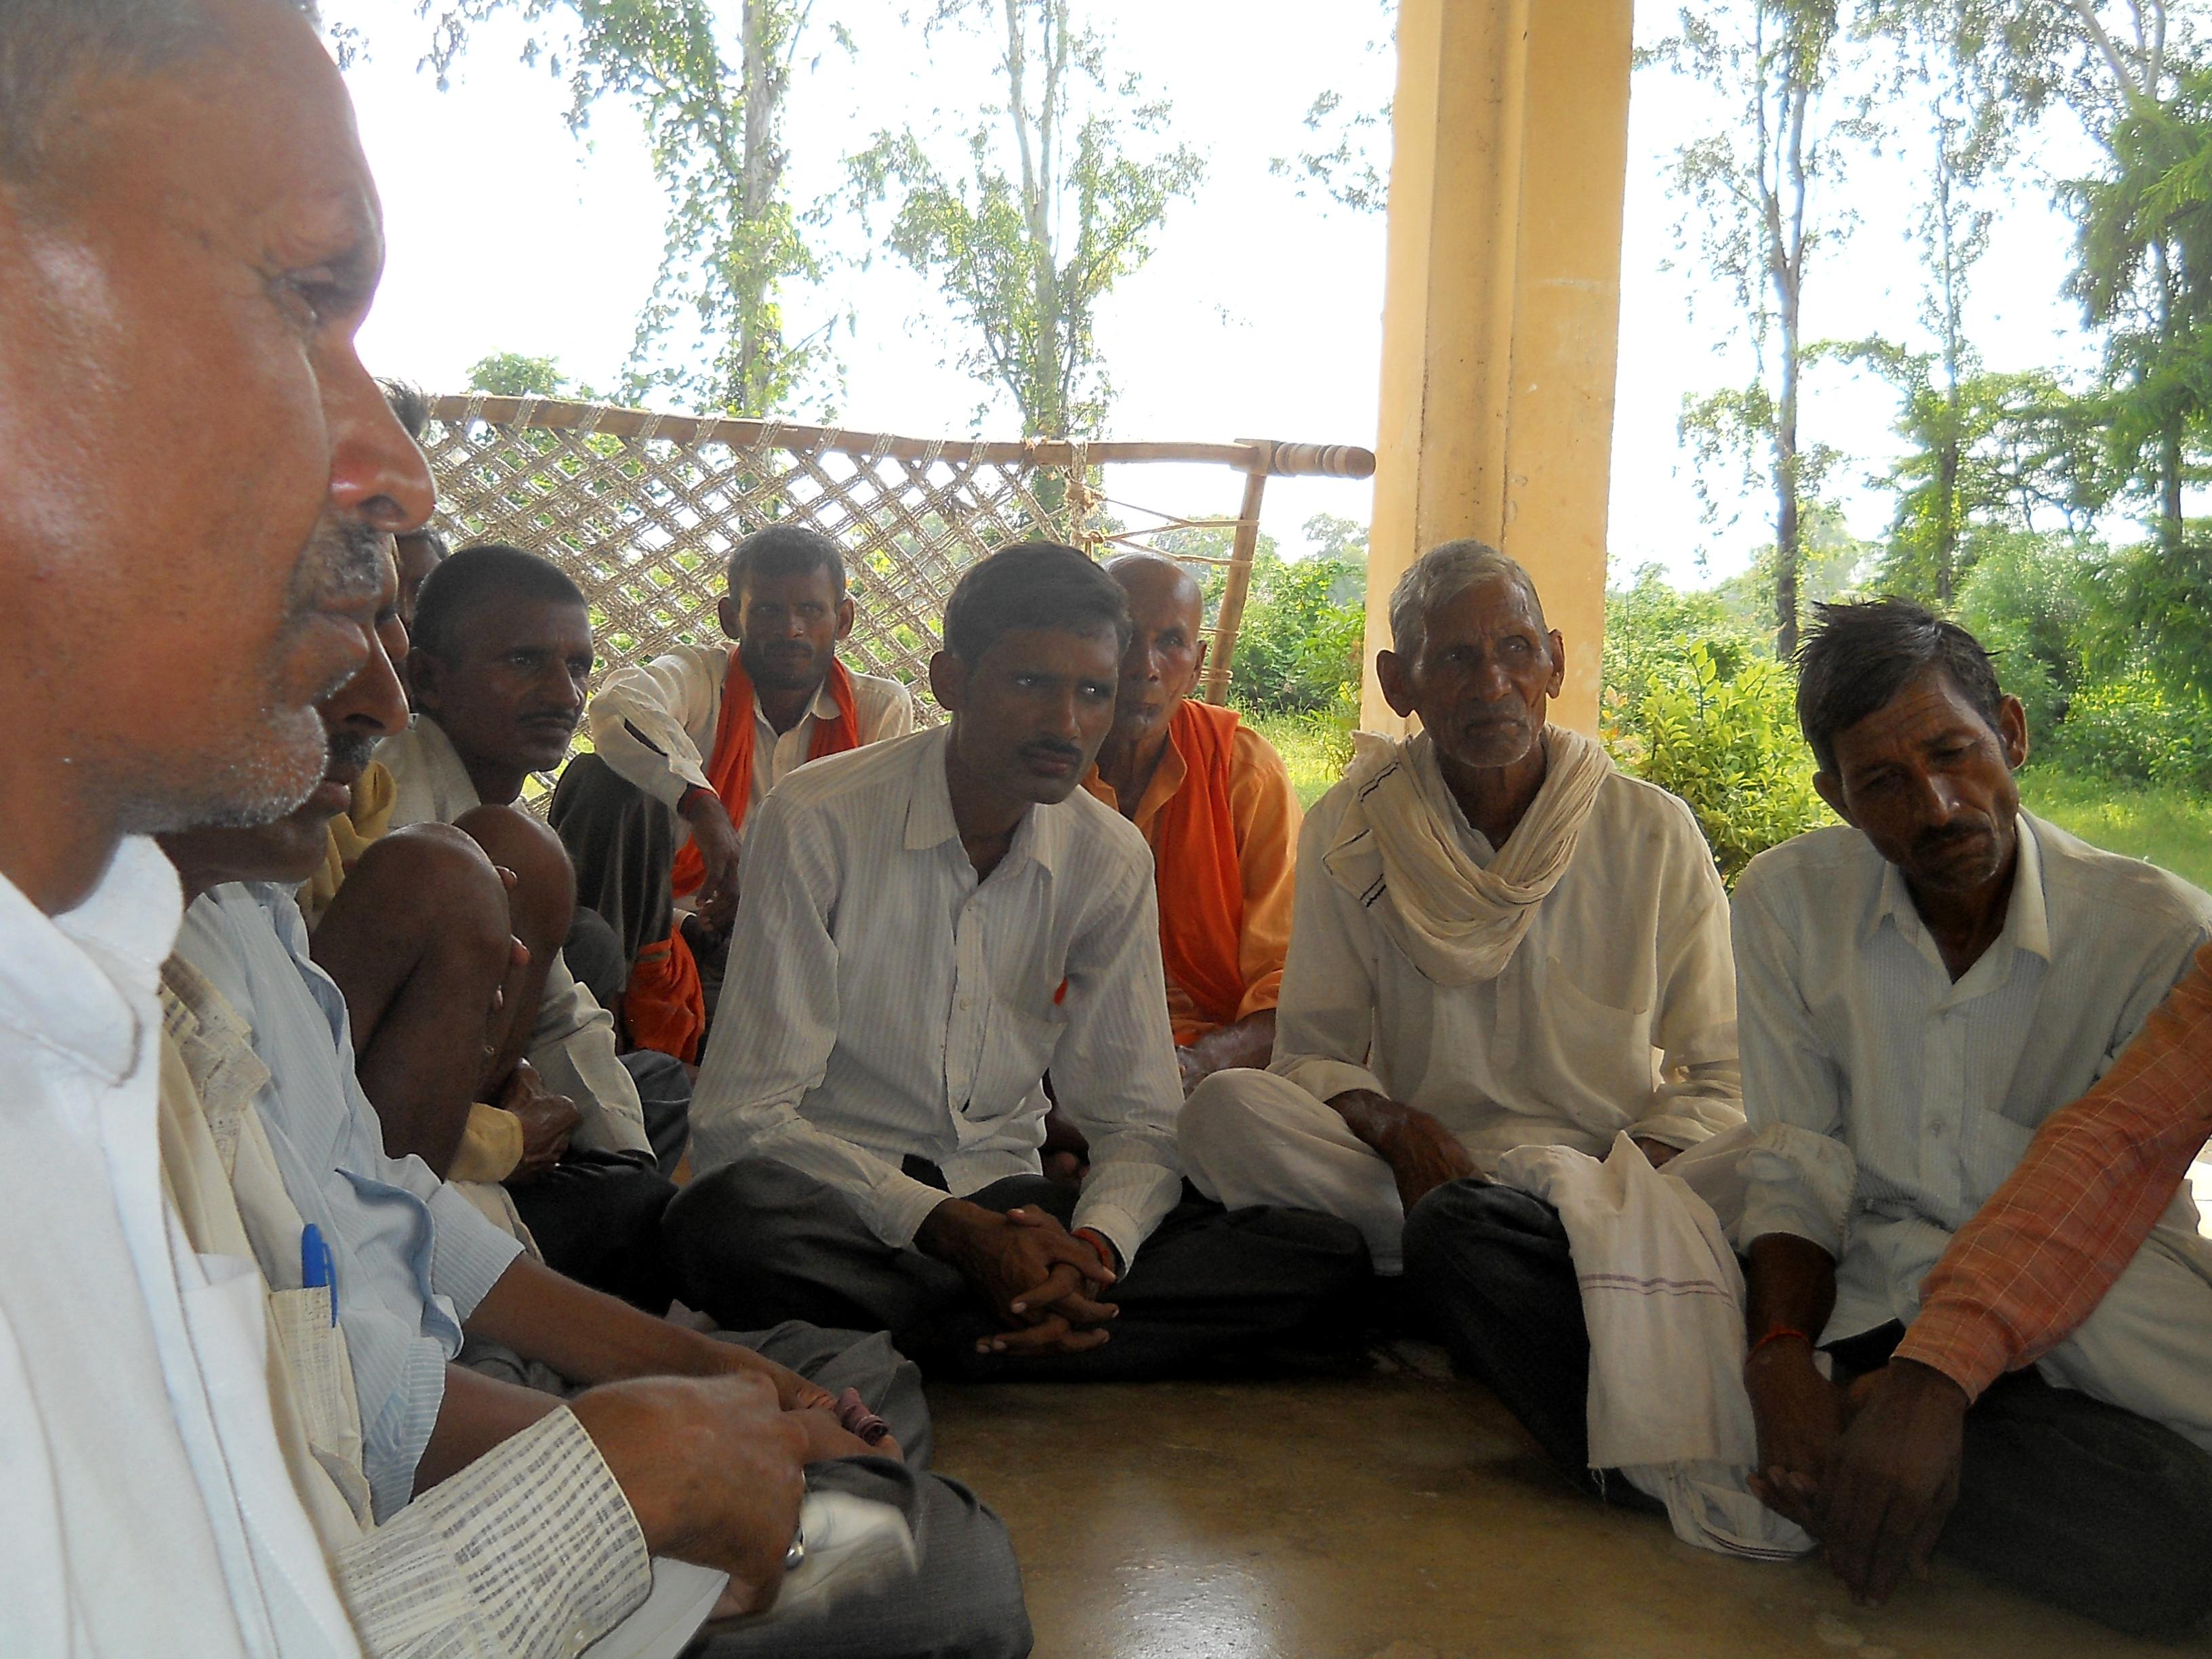 विस्थापन विरोधी जन संघर्ष मोर्चा के मीटिंग में किसान